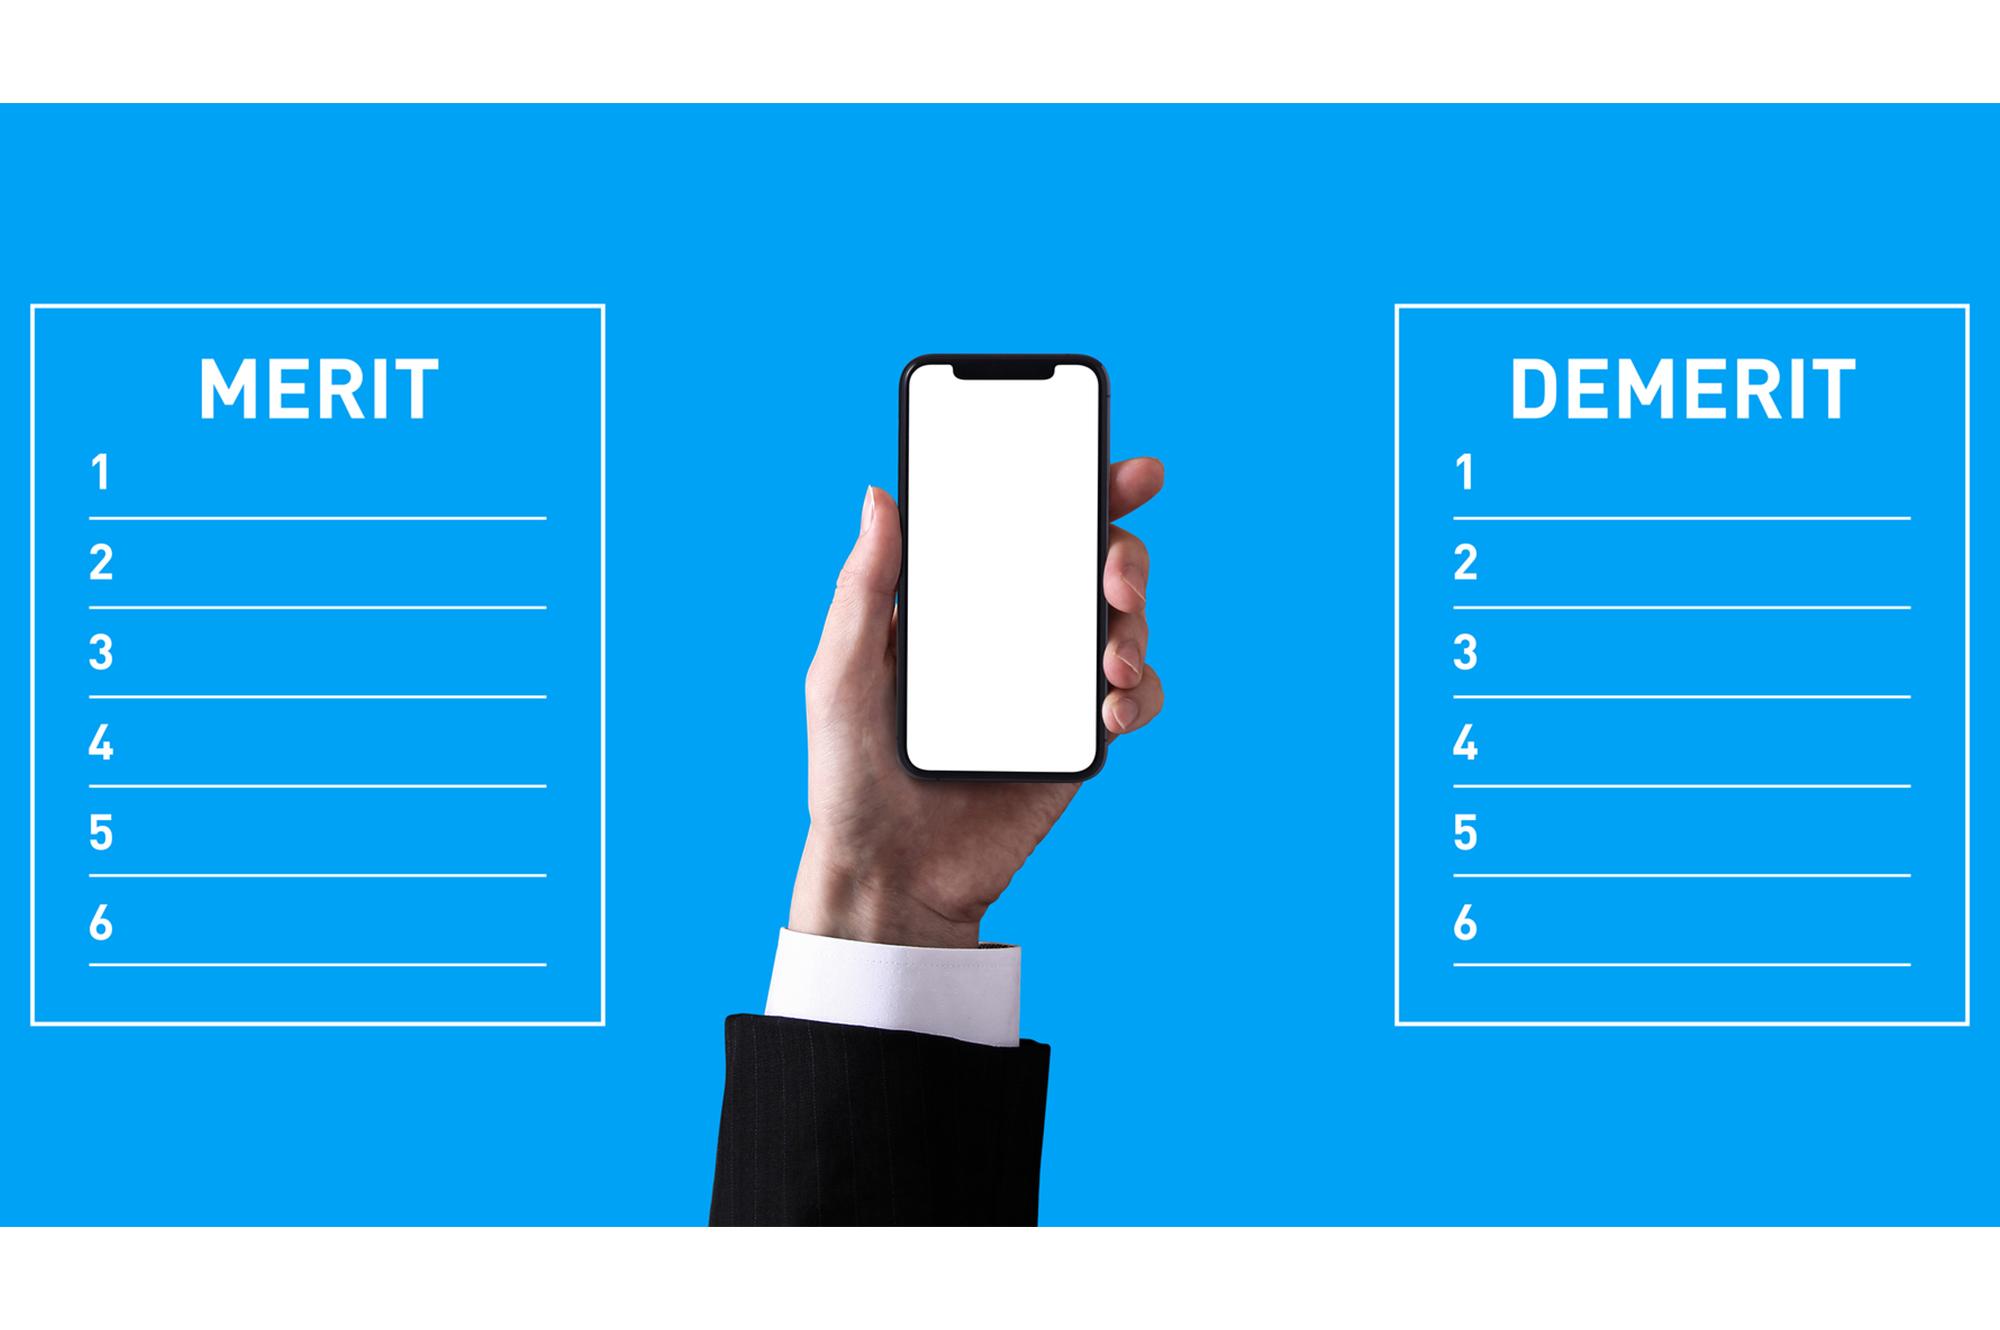 クラウドPBXによるスマートフォン内線化のメリット